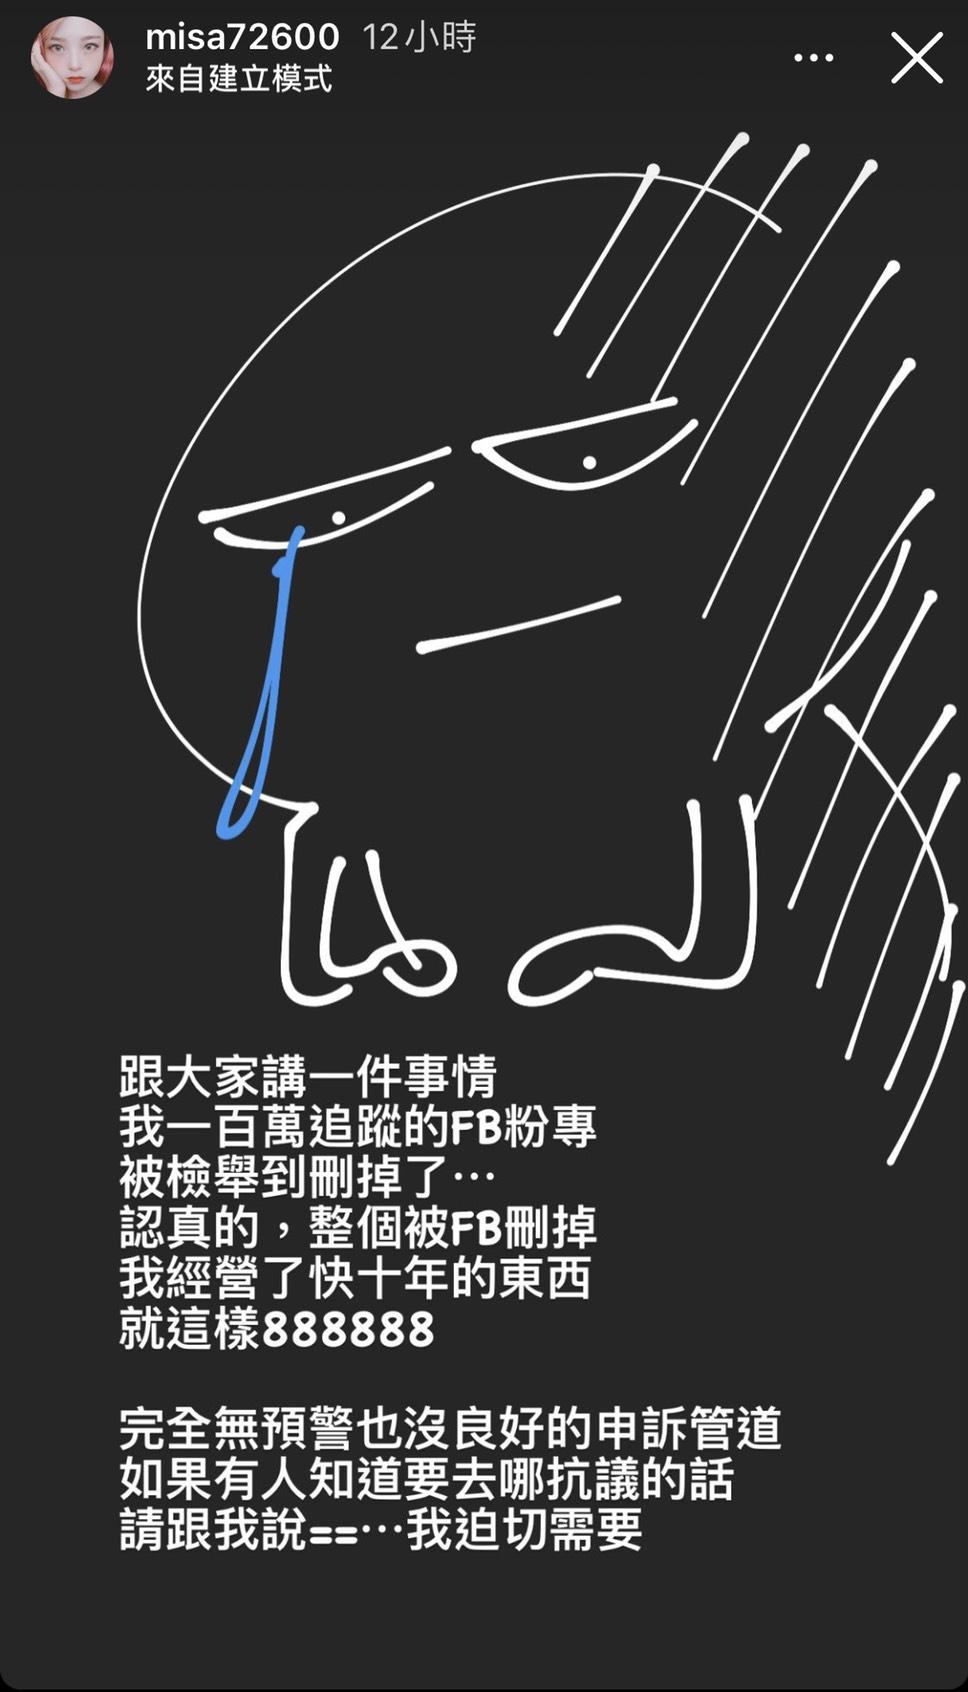 圖片來源/米砂IG